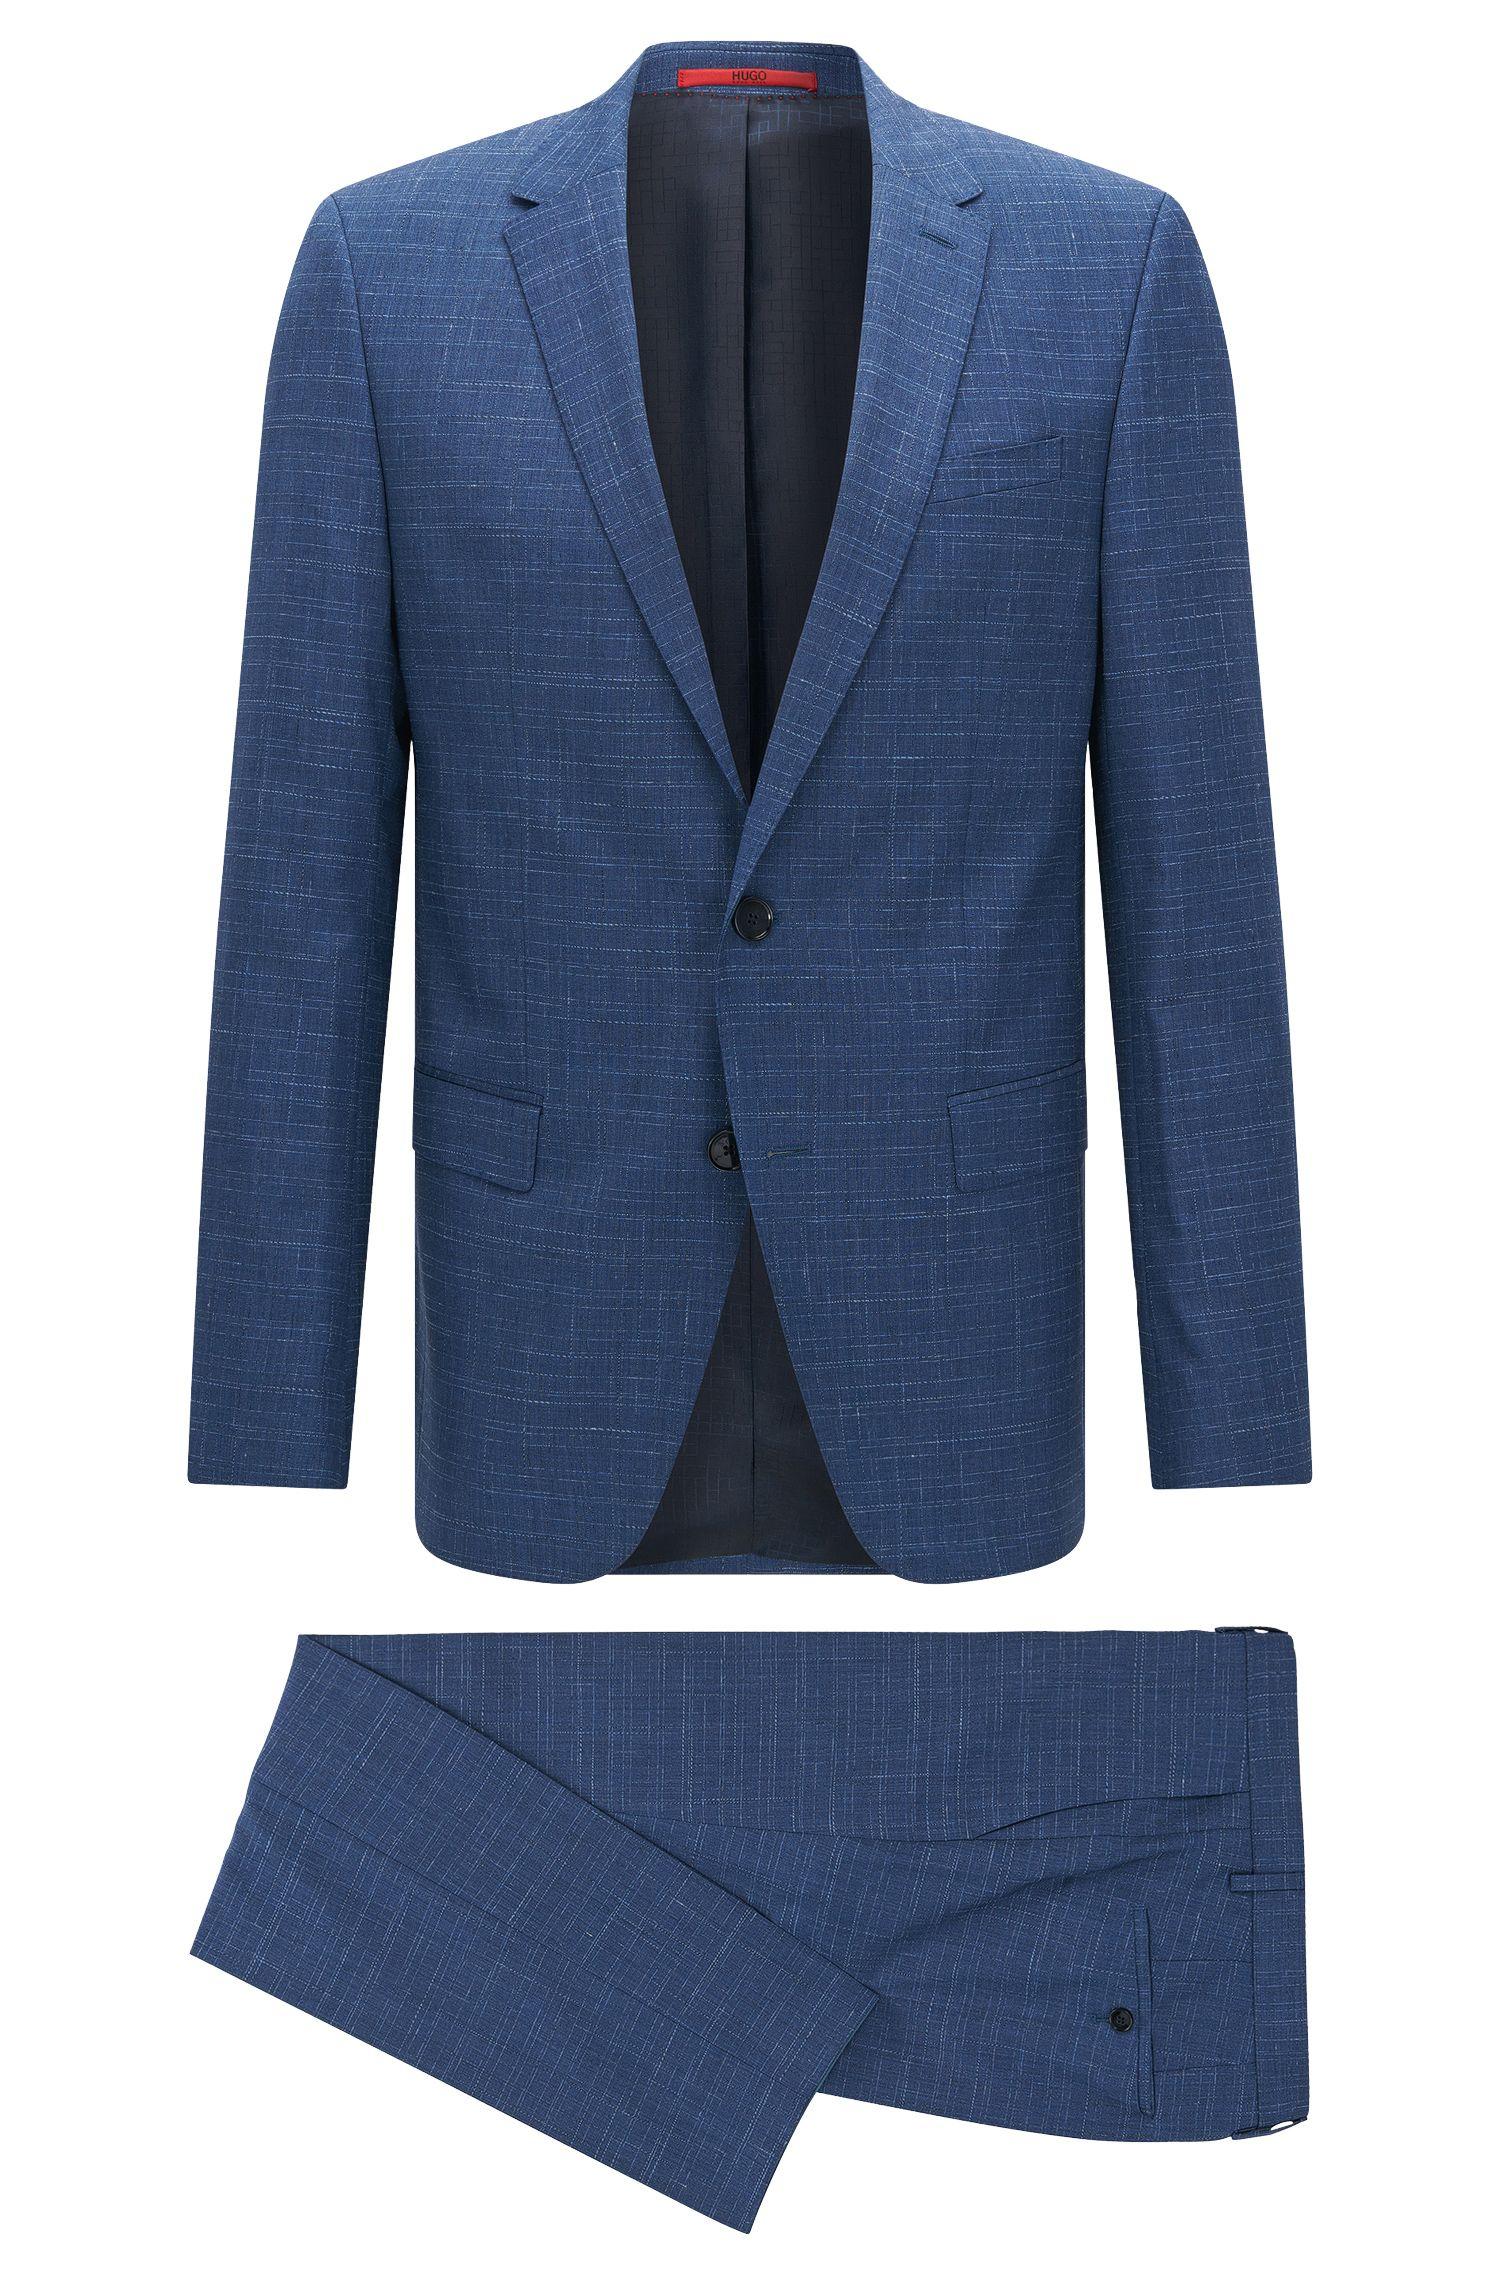 'C-Harvey/C-Getlin' | Slim Fit, Virgin Wool Suit